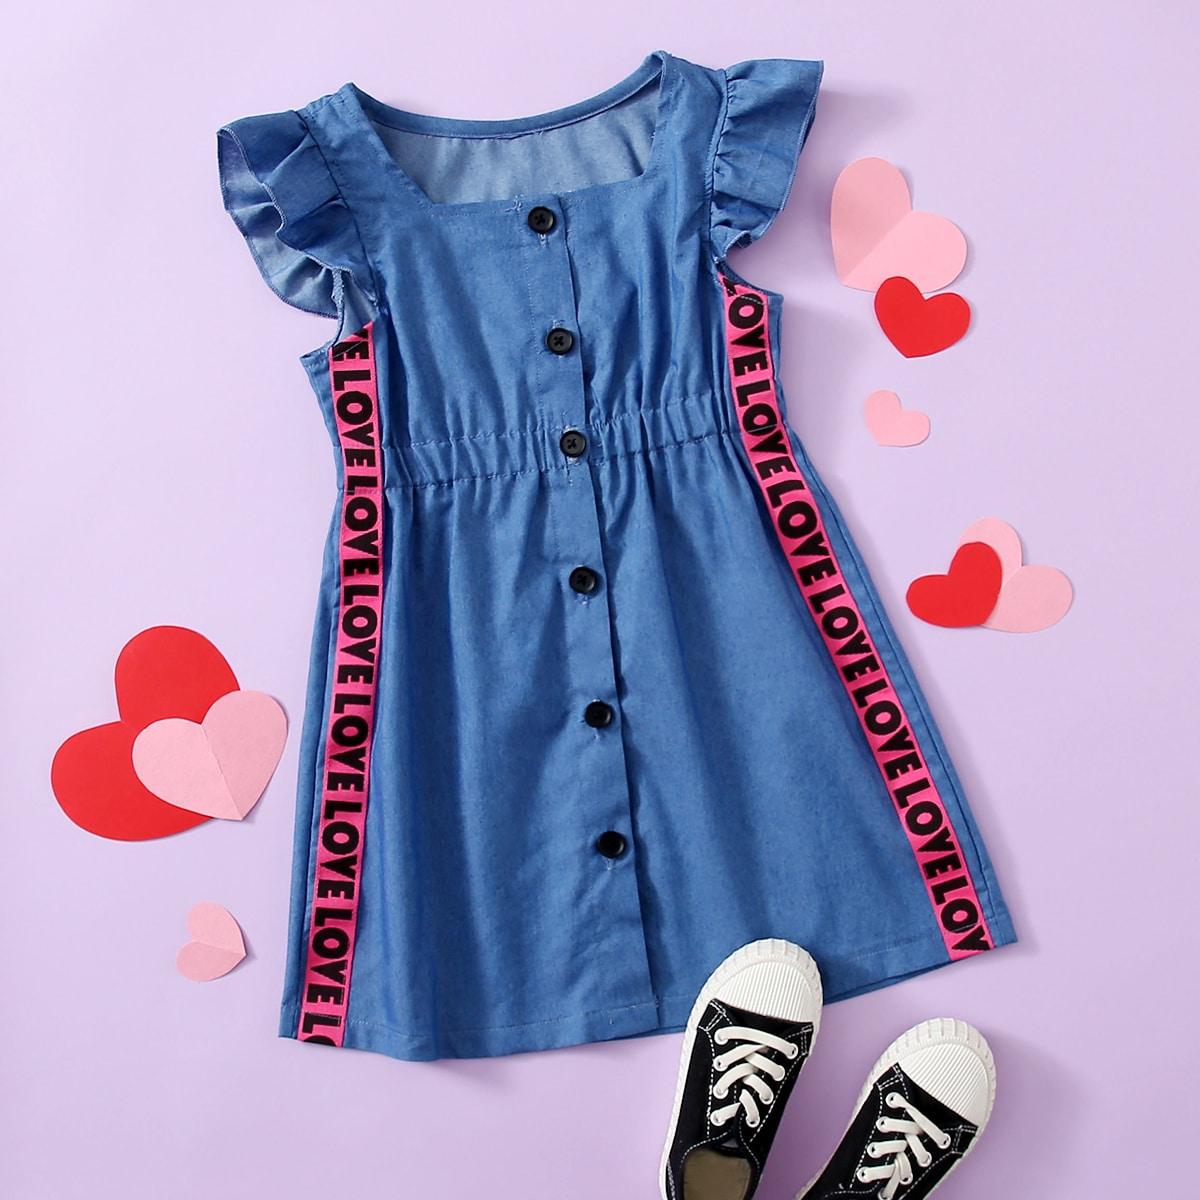 с оборками буква милый Джинсовые платья для девочек SheIn skdress03201229198